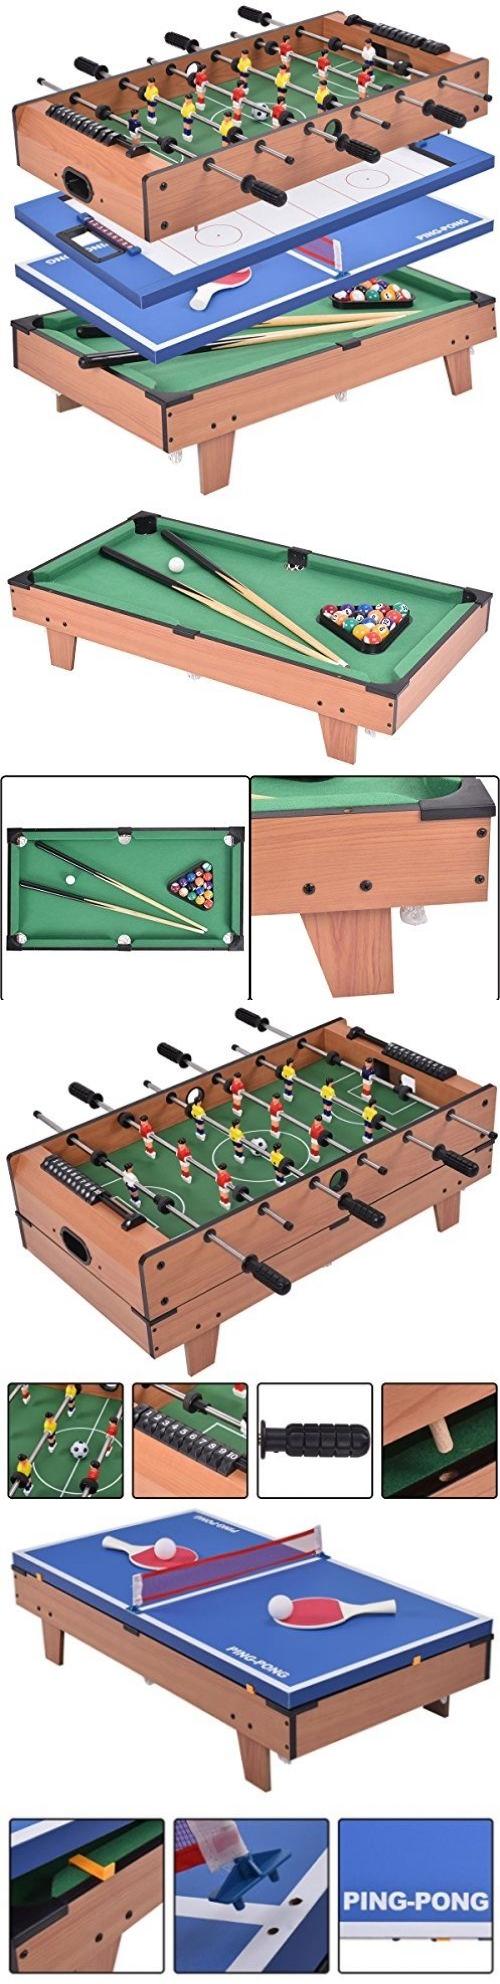 Tables 21213: Giantex 4 In 1 Multi Game Table Pool Air Hockey Foosball Table  Tennis